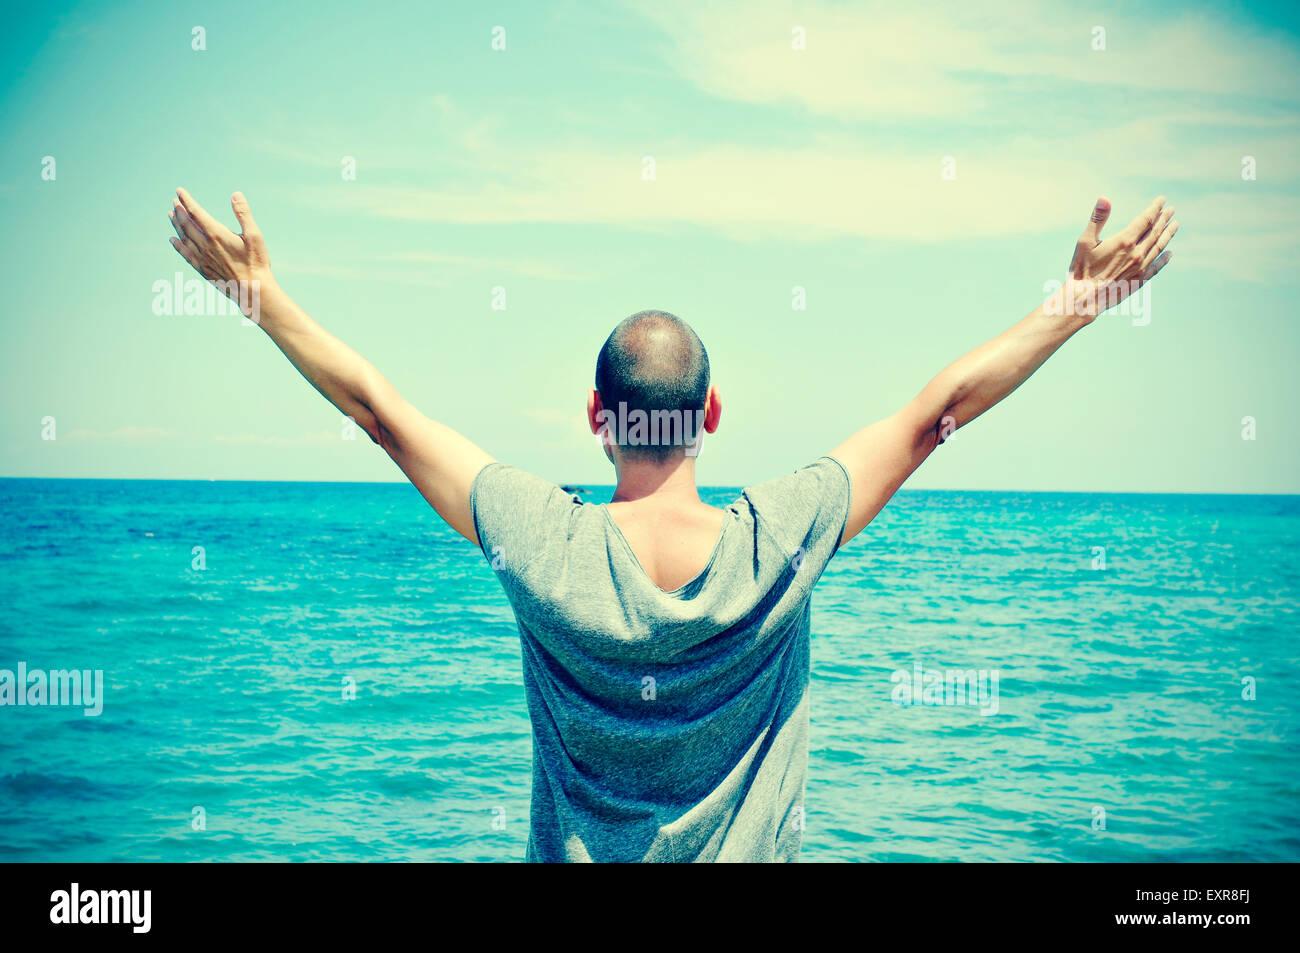 Libre d'un jeune homme de race blanche vu de derrière avec les bras en l'air en face de l'océan, Photo Stock